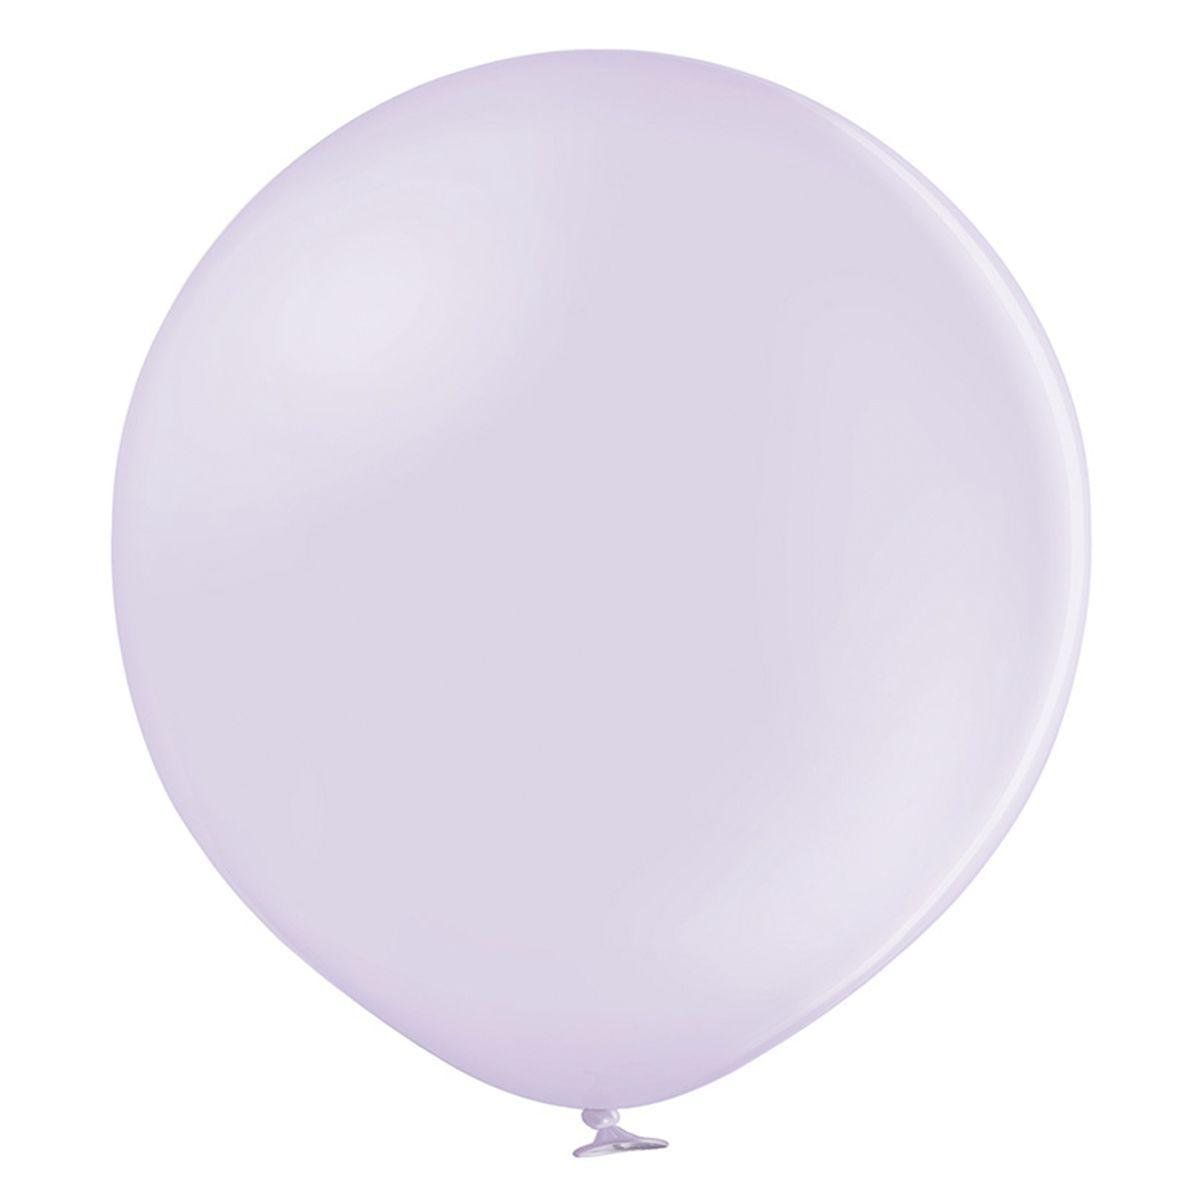 """Кулька 12""""/30 ліловий 451 латекс пастель макарун ТМ """"Belbal"""" однотонний шт."""